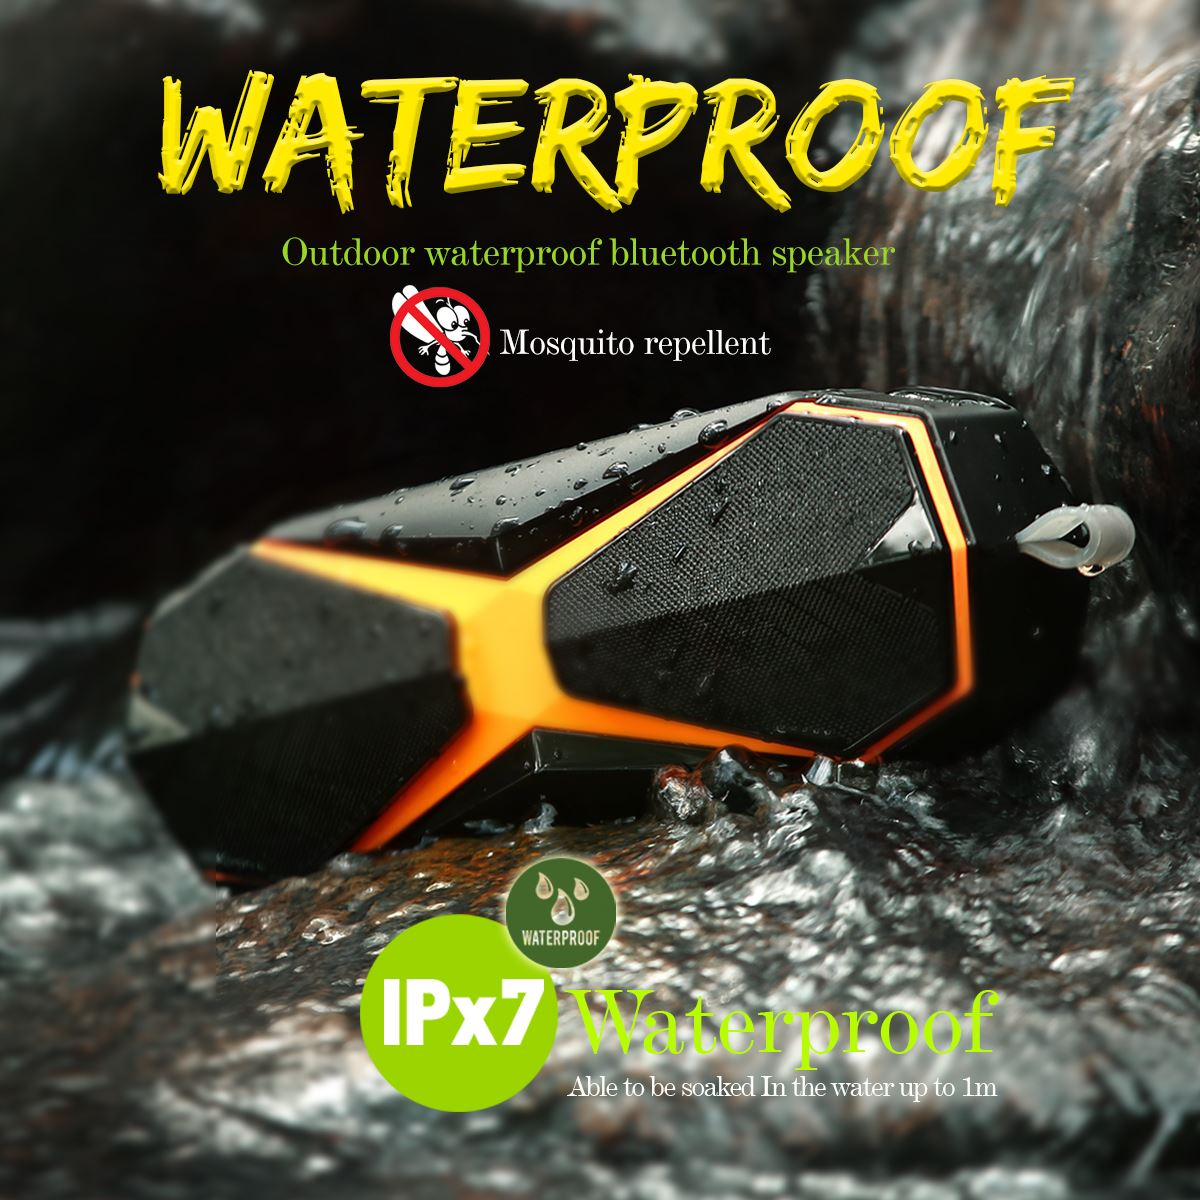 1Pcs Portable Outdoor Speaker Waterproof IPX7 Bluetooth Wireless Loudspeakers Speakers Microphone Handfree